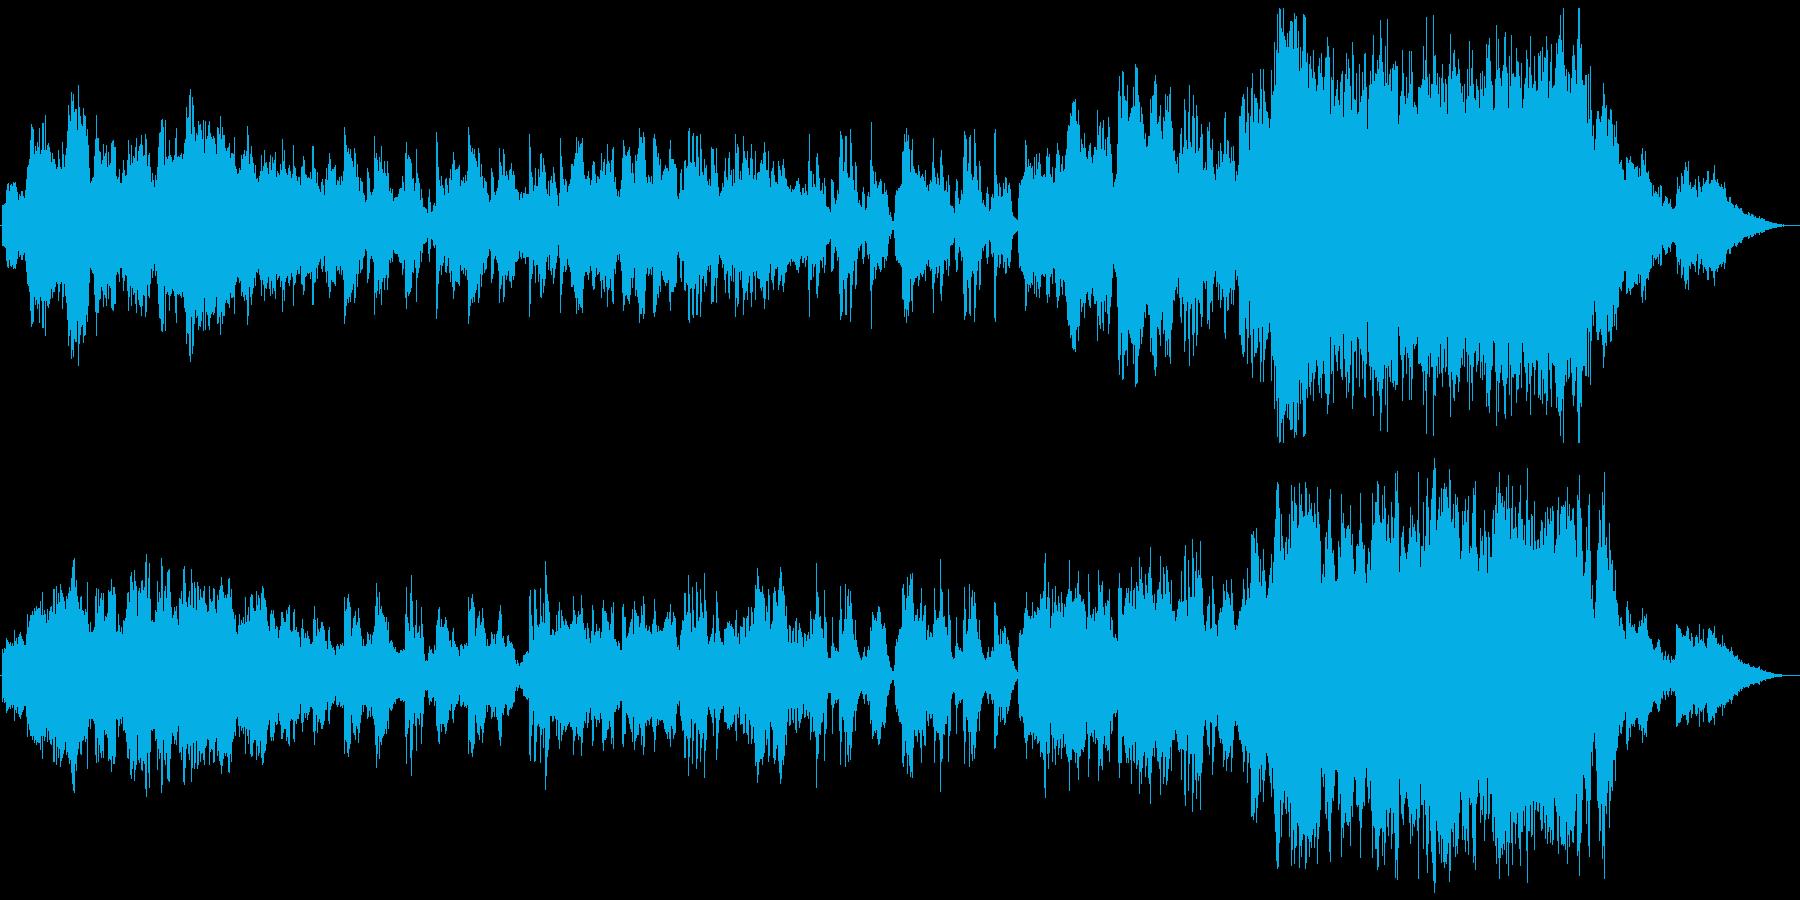 吹奏楽の優しい音色が印象的なオーケストラの再生済みの波形